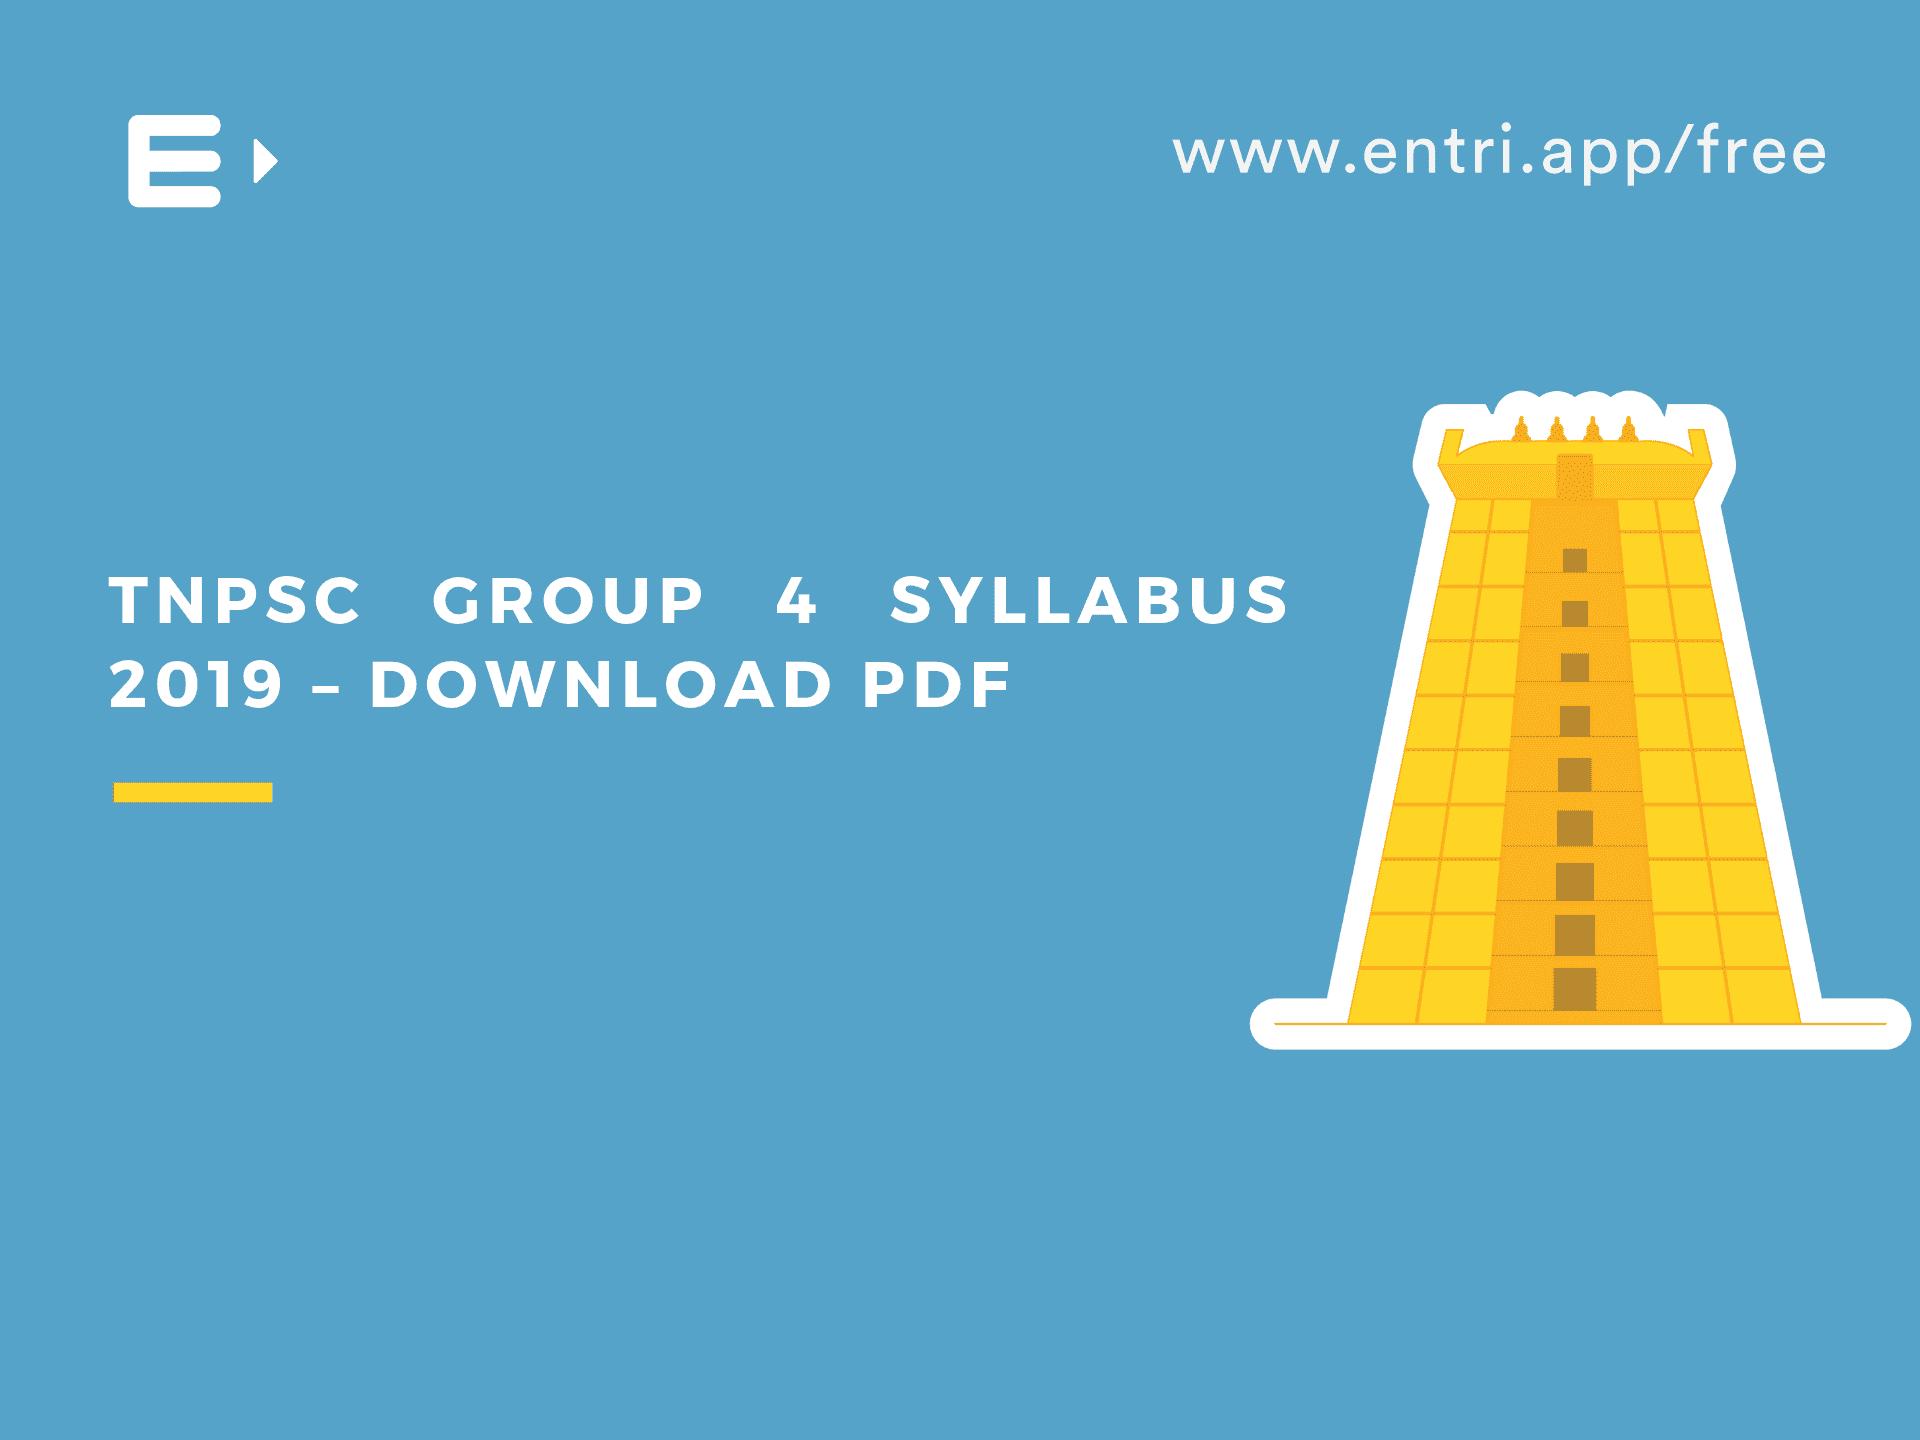 TNPSC Group 4 Syllabus 2019 – Download PDF - Entri Blog